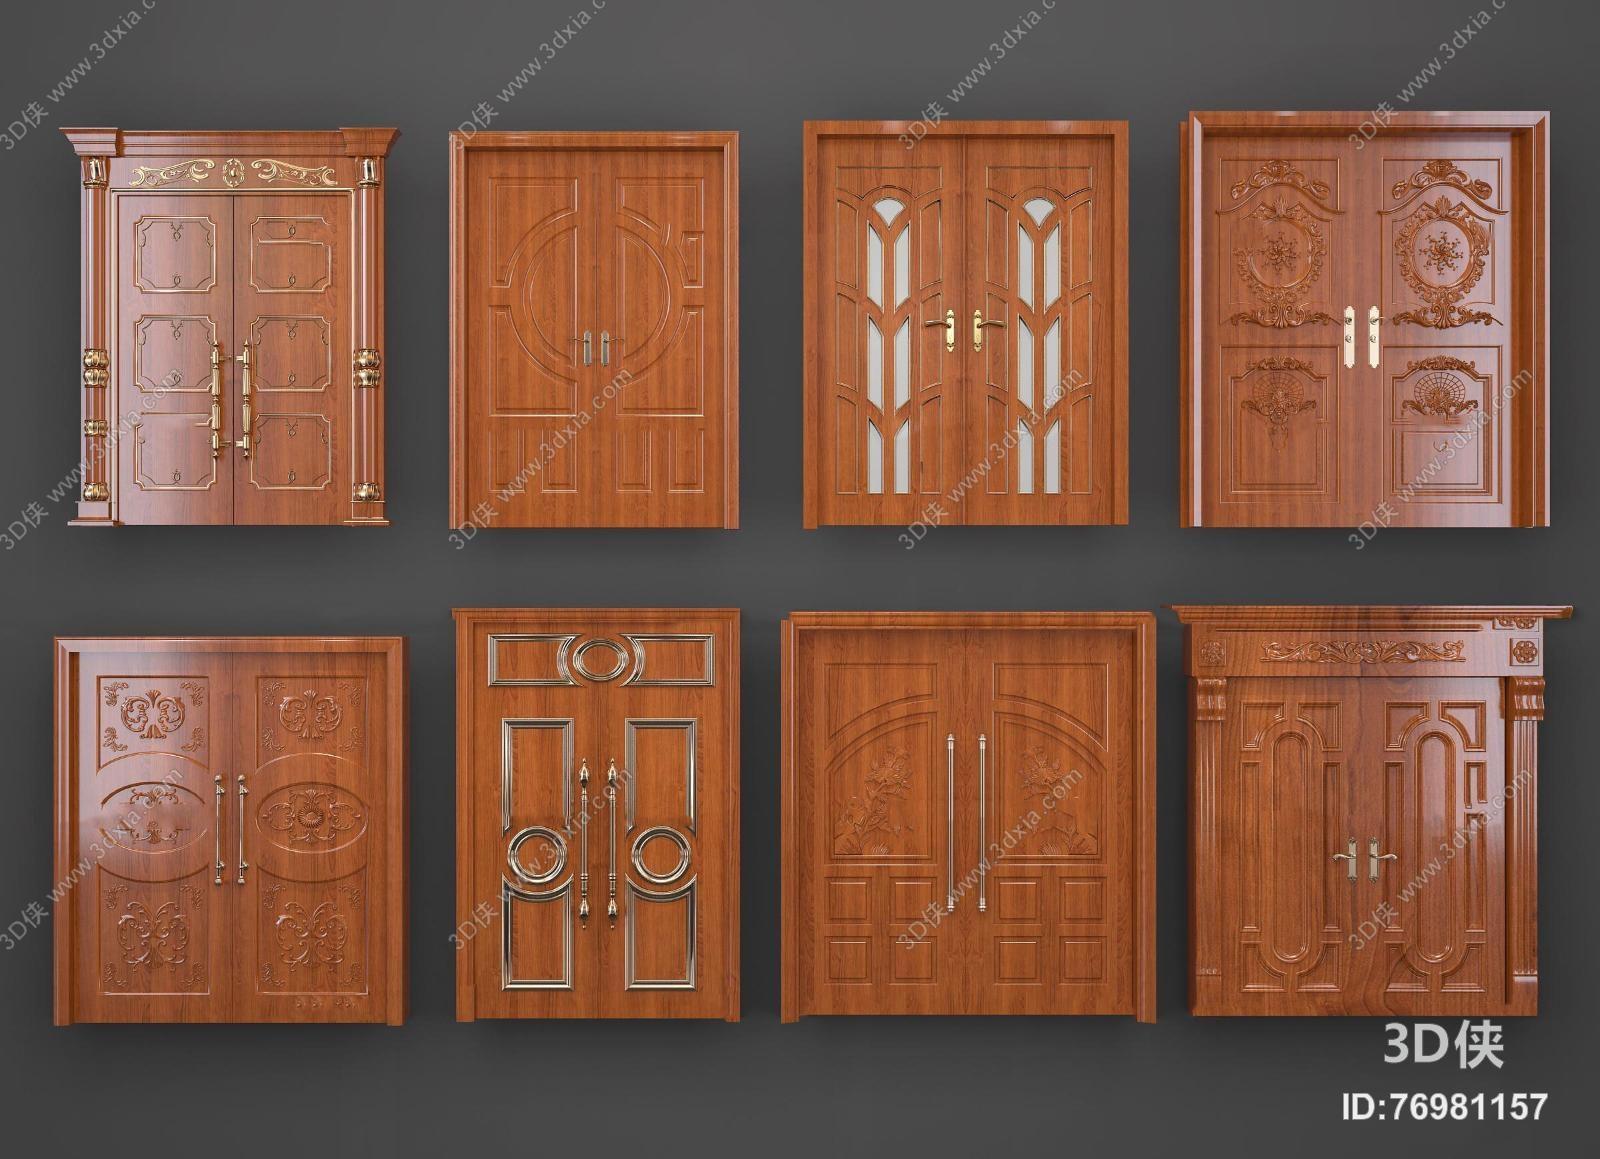 欧式实木雕花双开门组合3d模型【id:76981157】